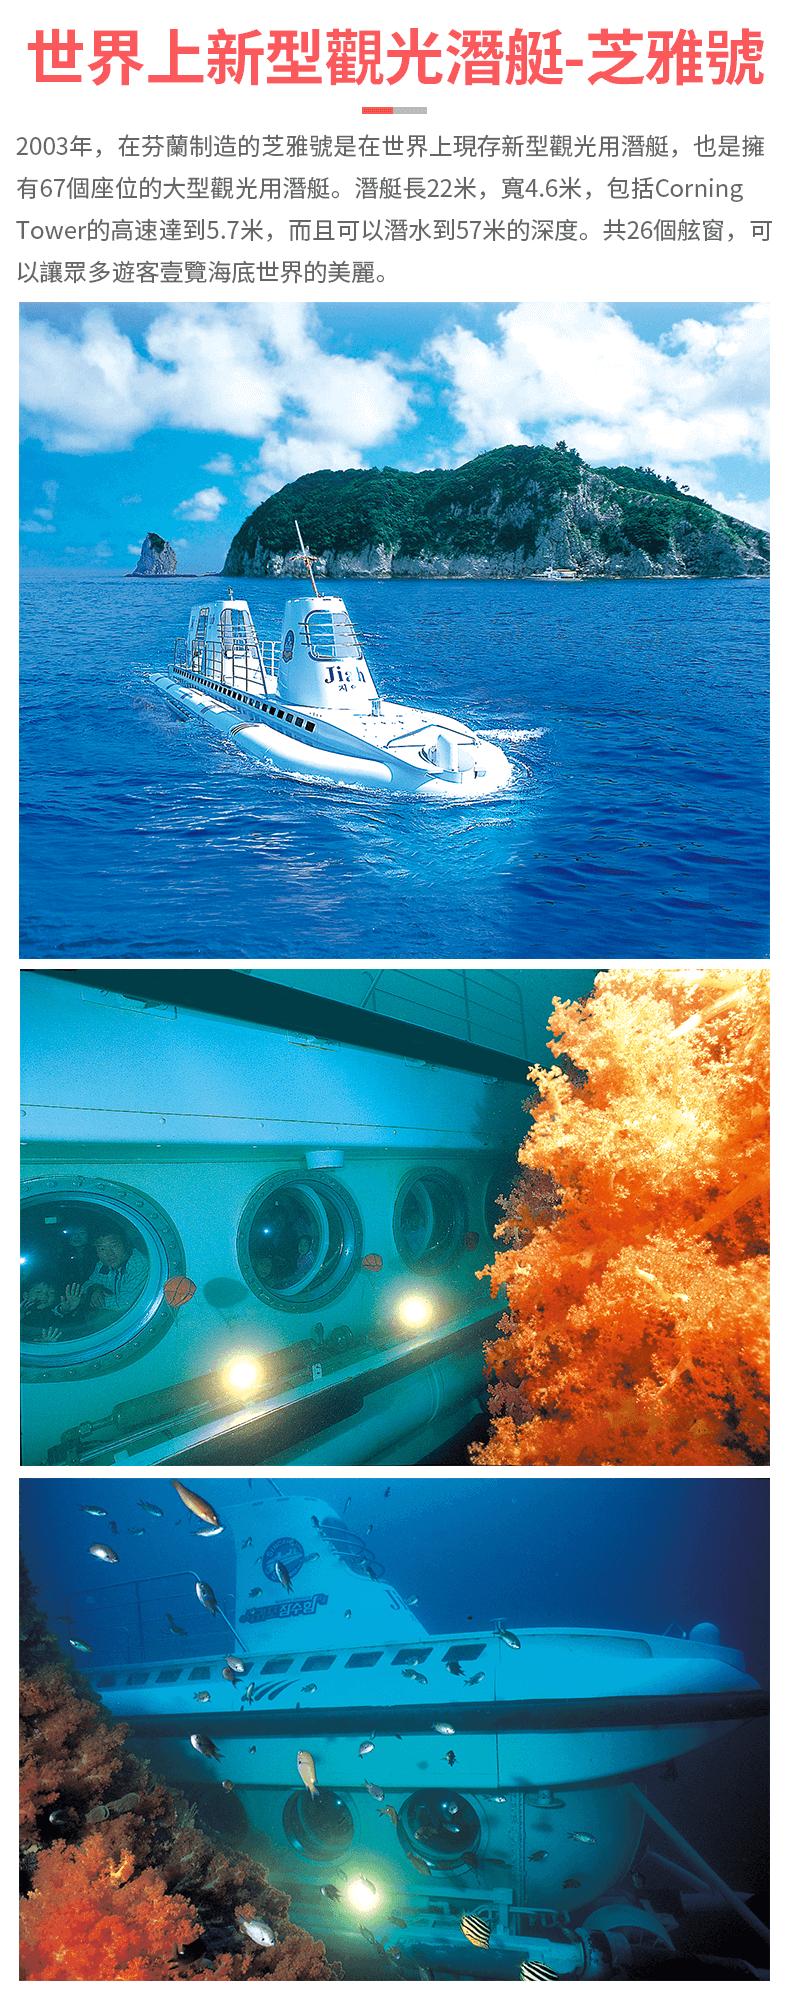 濟州島西歸浦潛水艇-繁體詳情頁2.png